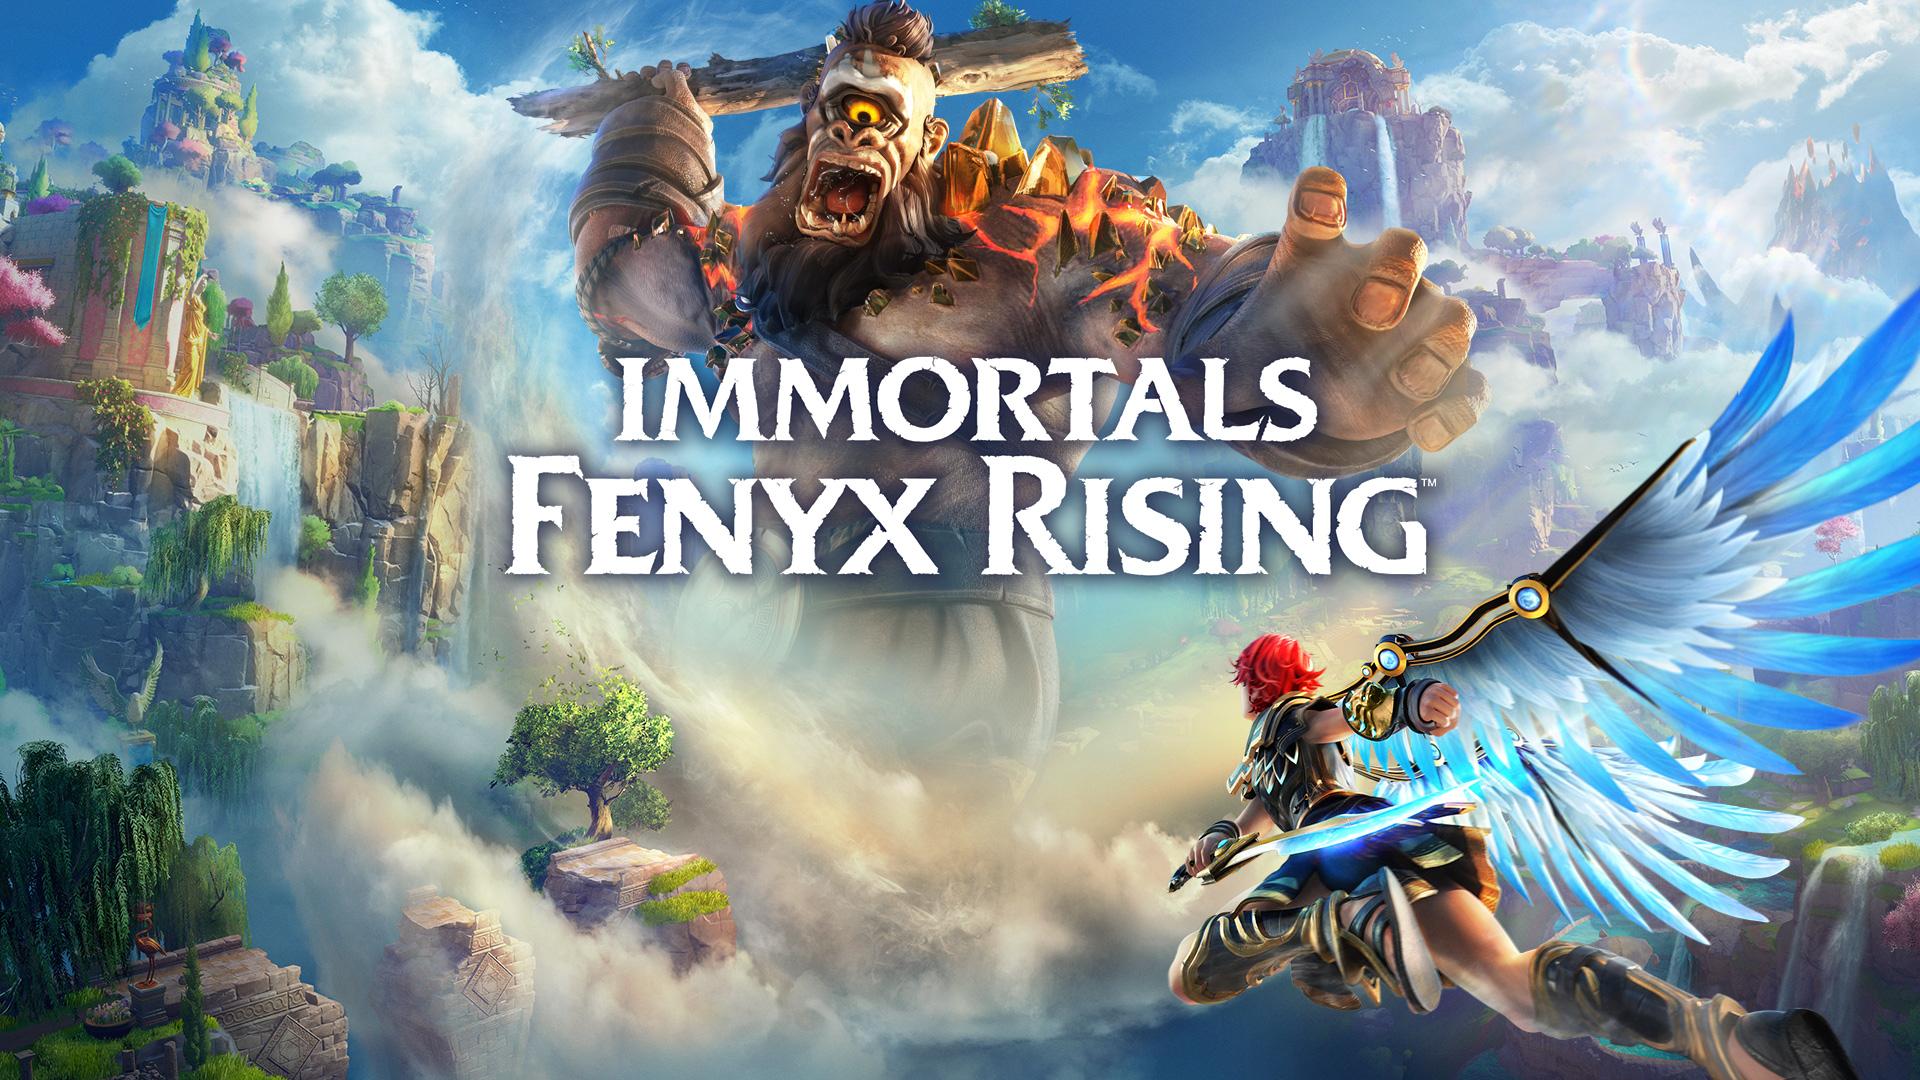 Nintendo eShop: Immortals Fenyx Rising Switch